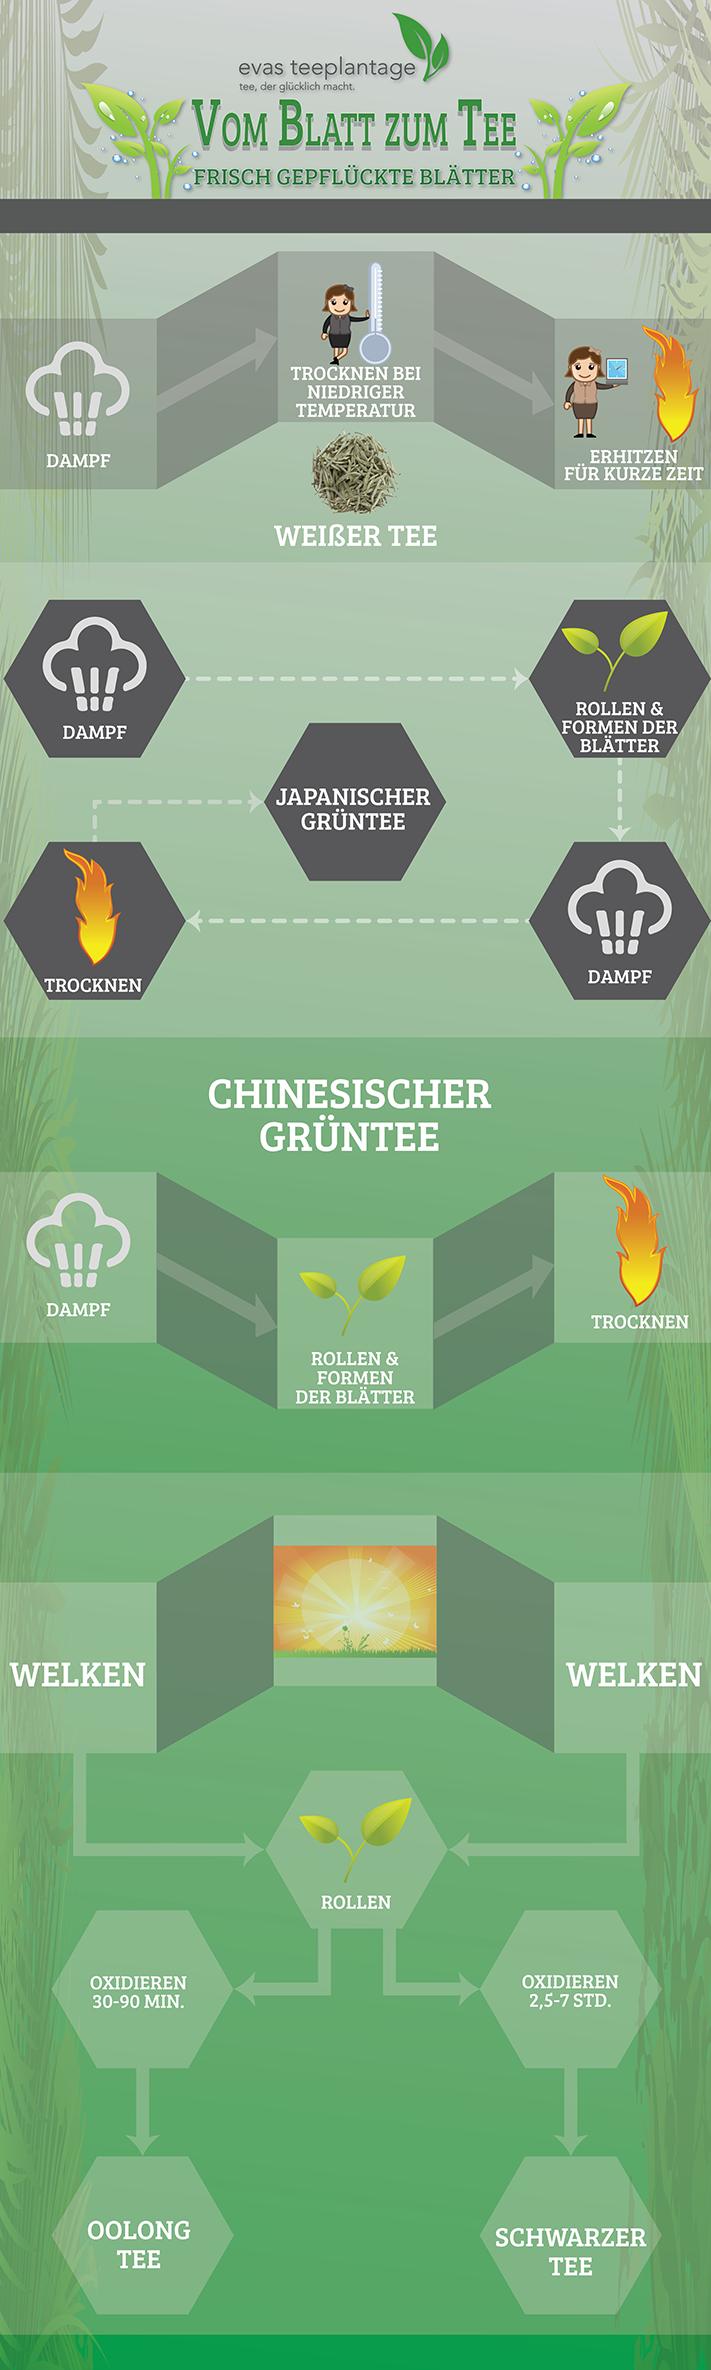 Infografik zur Produktion von Grünem Tee in China und Japan, Oolong Tee, Weißen Tee, Schwarzen Tee